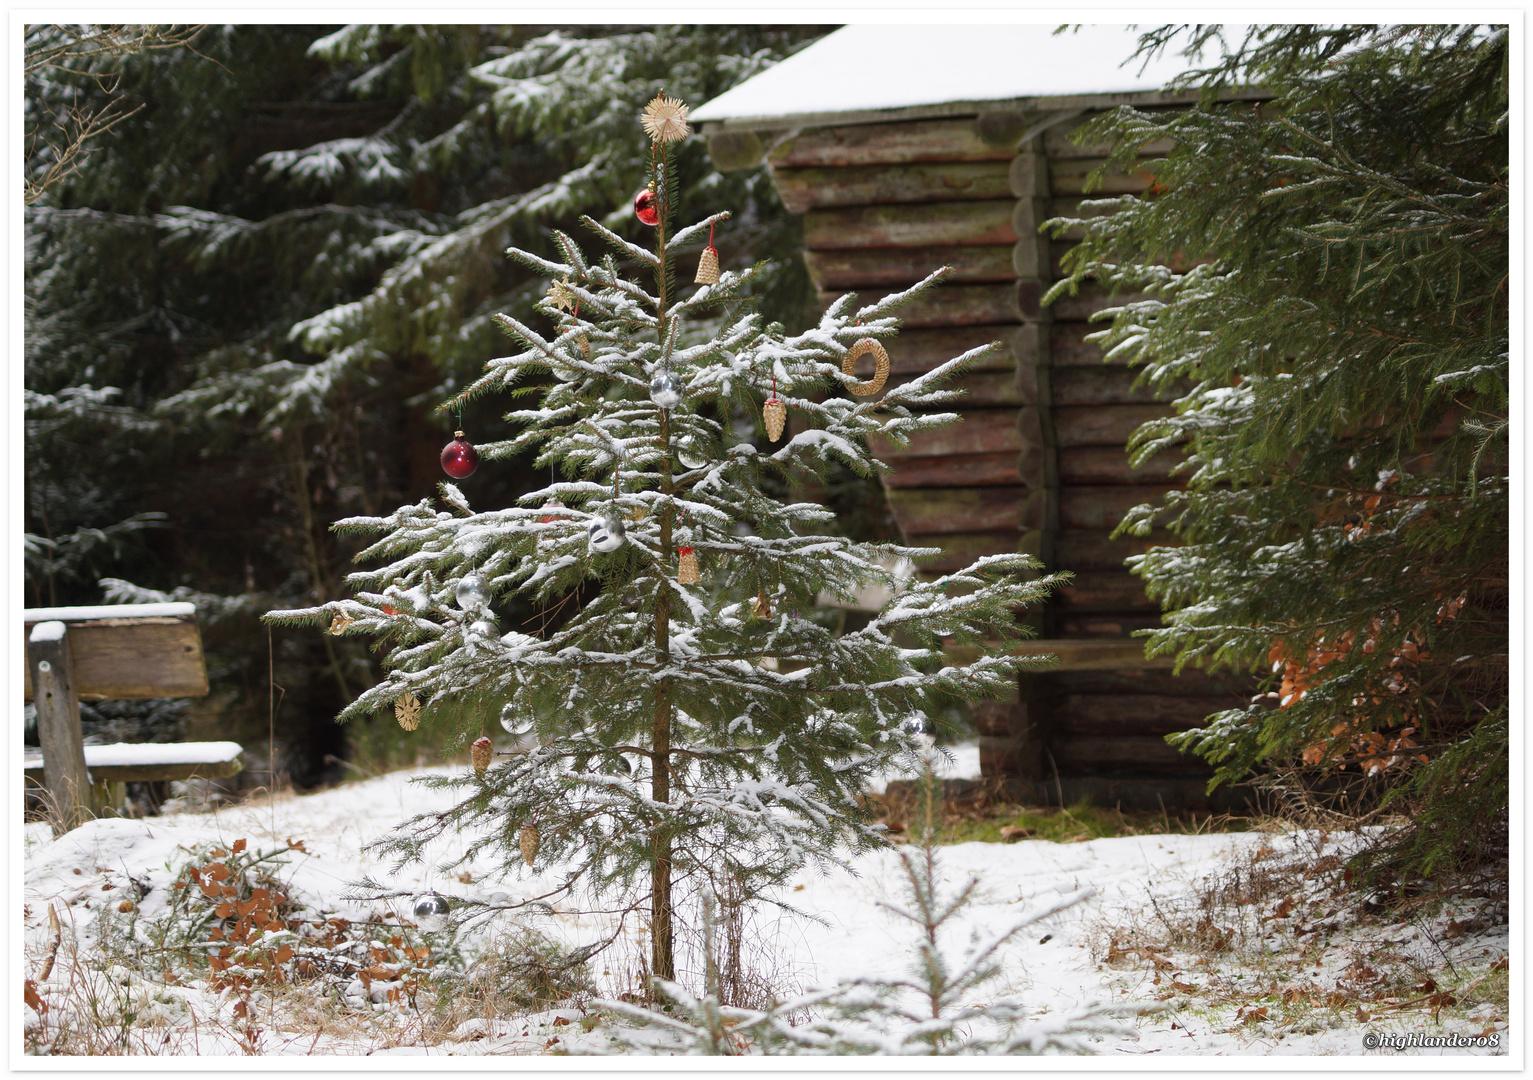 Weihnachtsbaum 3 Foto & Bild | gratulation und feiertage ...